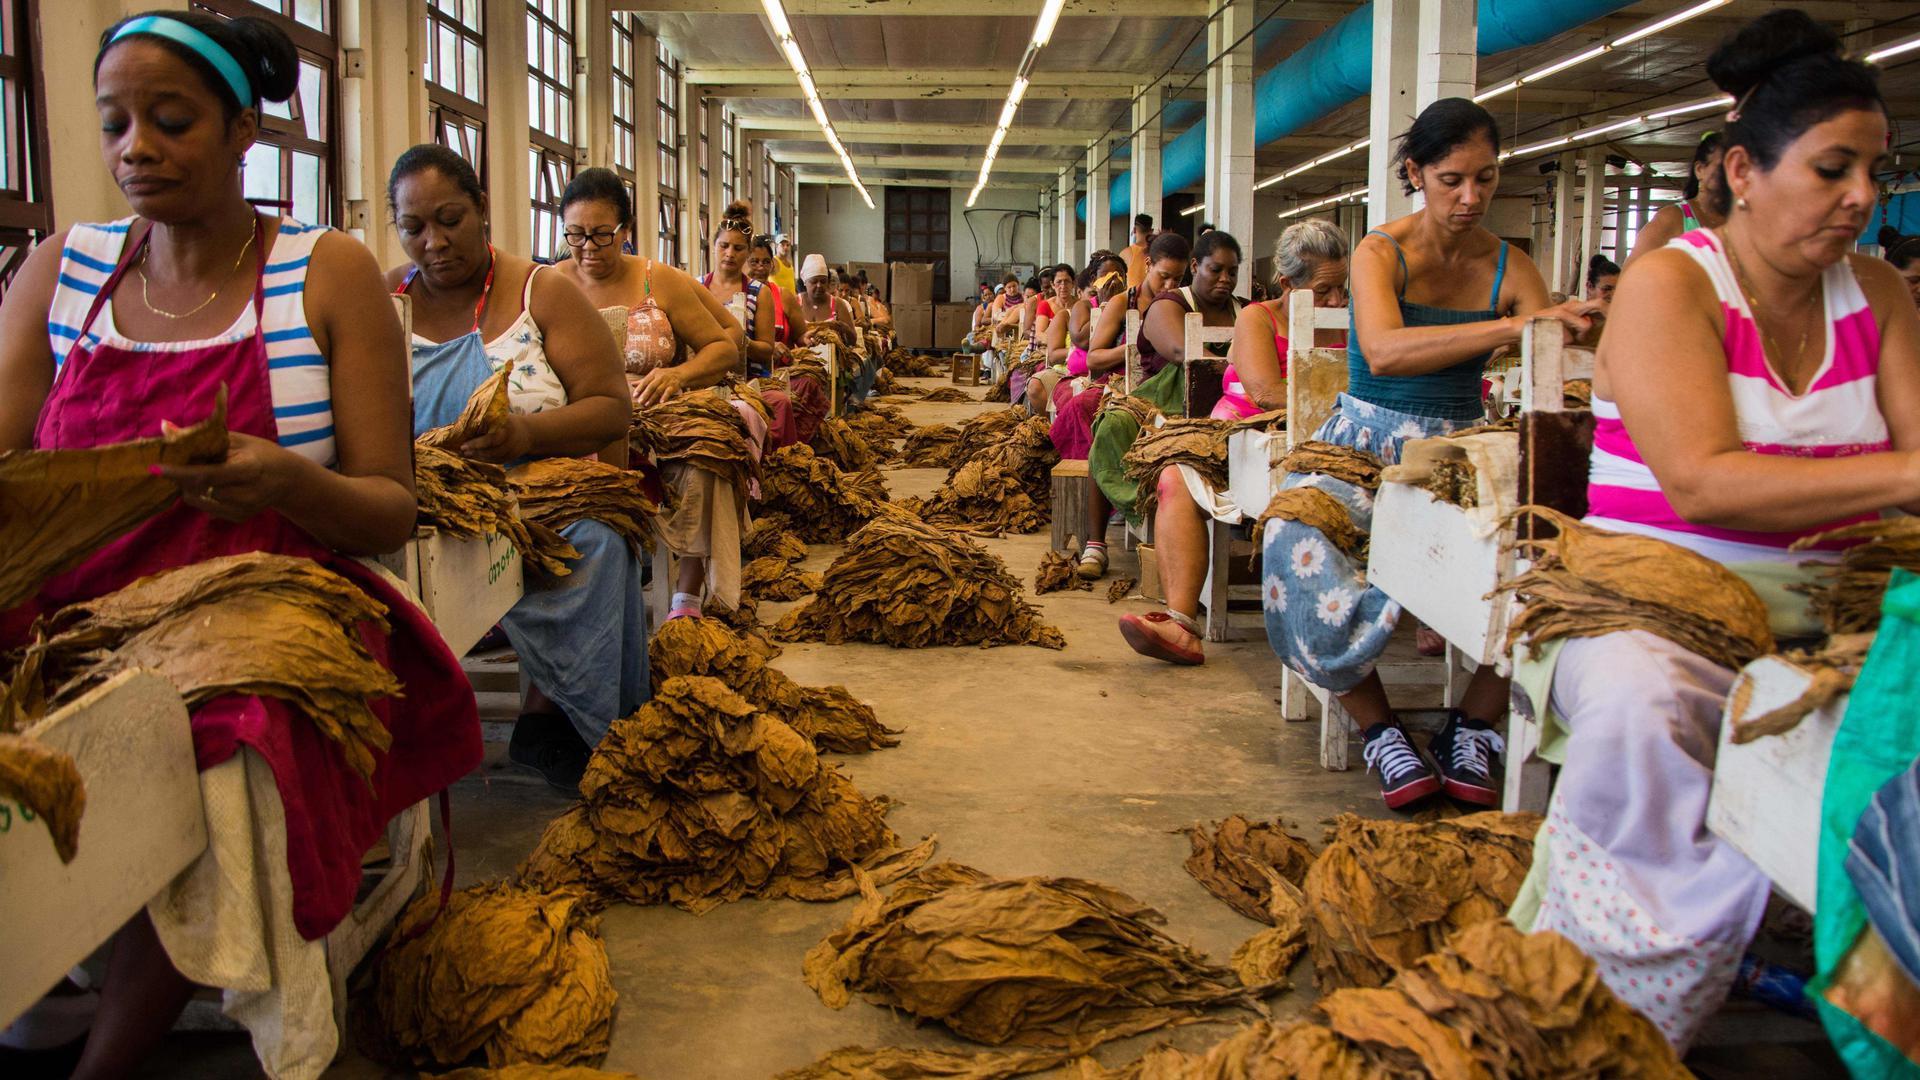 04.07.2018, Kuba, Pinar del Rio:Frauen und Männer bearbeiten trockene Tabakblätter in einer Fabrik. Kuba hat 2017 Zigarren im Wert von 500 Millionen US-Dollar (406 Mio Euro) verkauft. Damit stieg der Absatz um zwölf Prozent im Vergleich zum Vorjahr. 54 Prozent der Exporte gingen 2017 nach Europa, gefolgt von Lateinamerika und Kanada mit 17 Prozent und Asien mit 15 Prozent. Foto: Rafael Fernández Rosell/ACN/dpa +++ dpa-Bildfunk +++ |